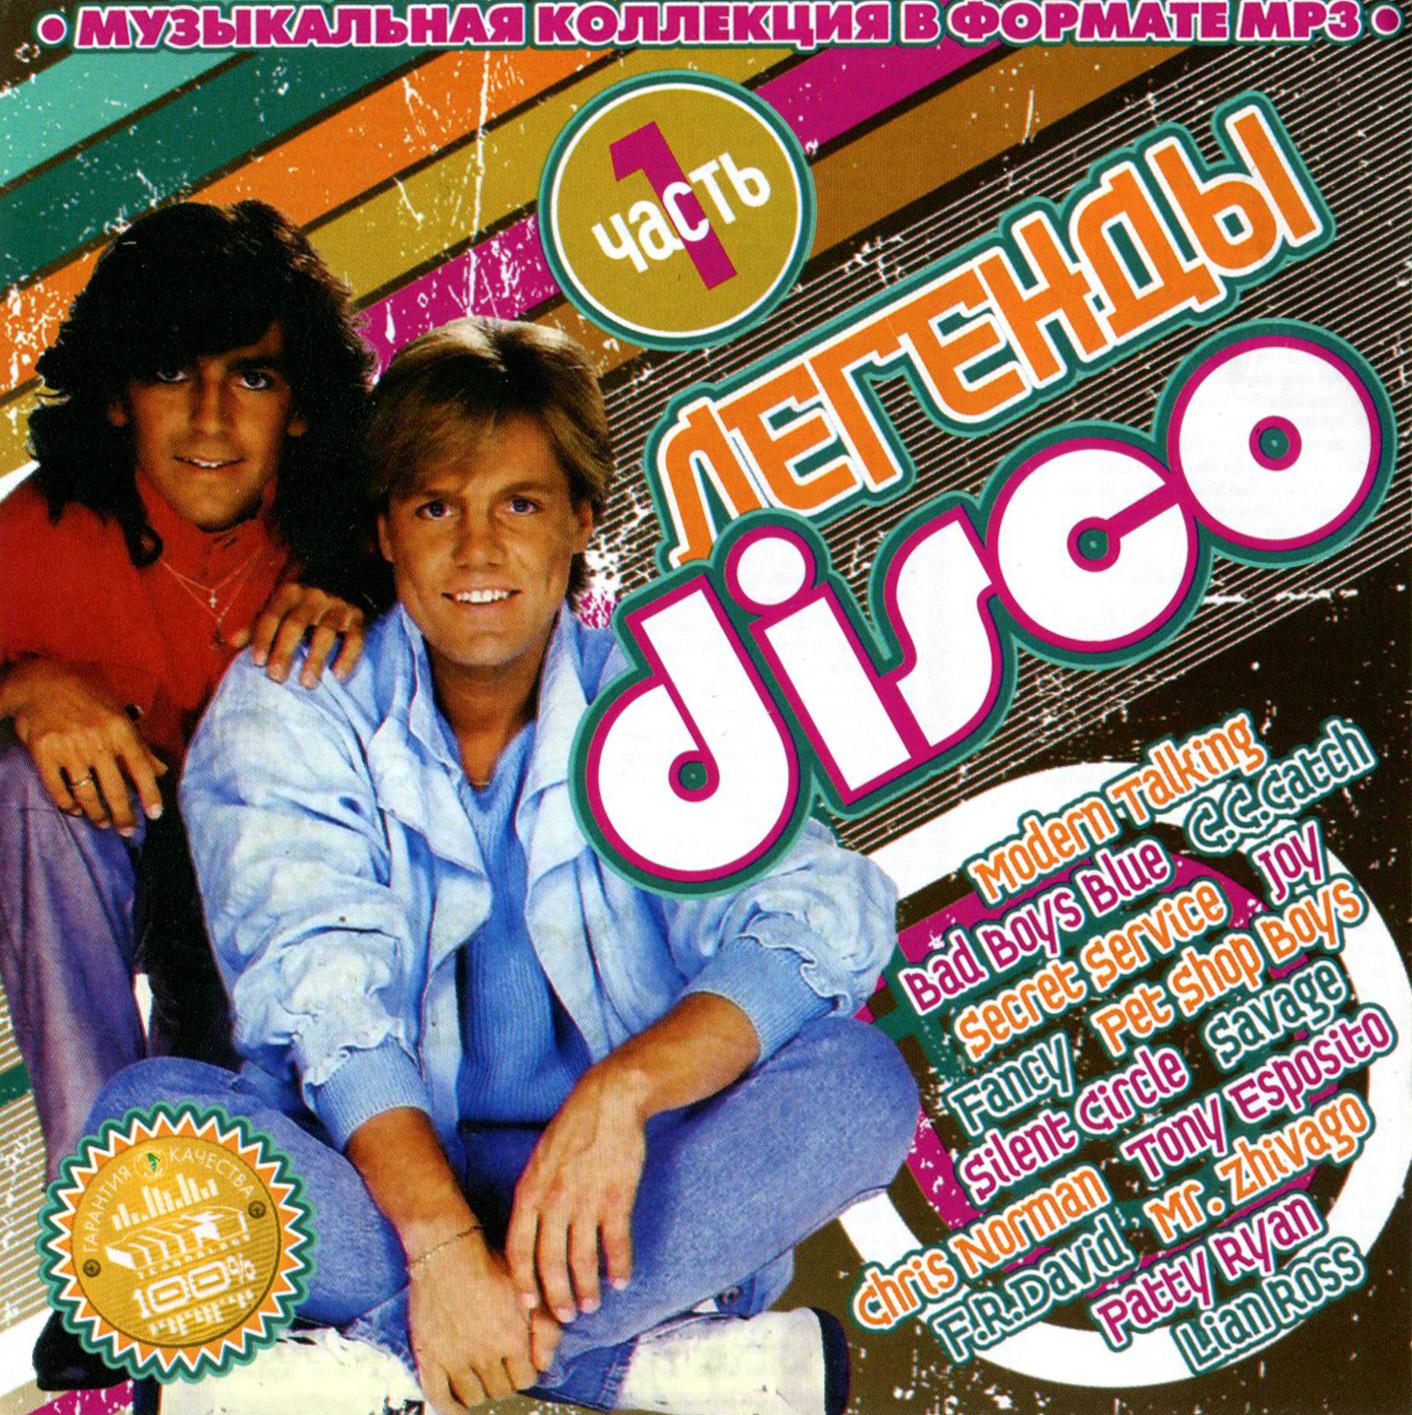 Легенды disco 1ч [mp3]